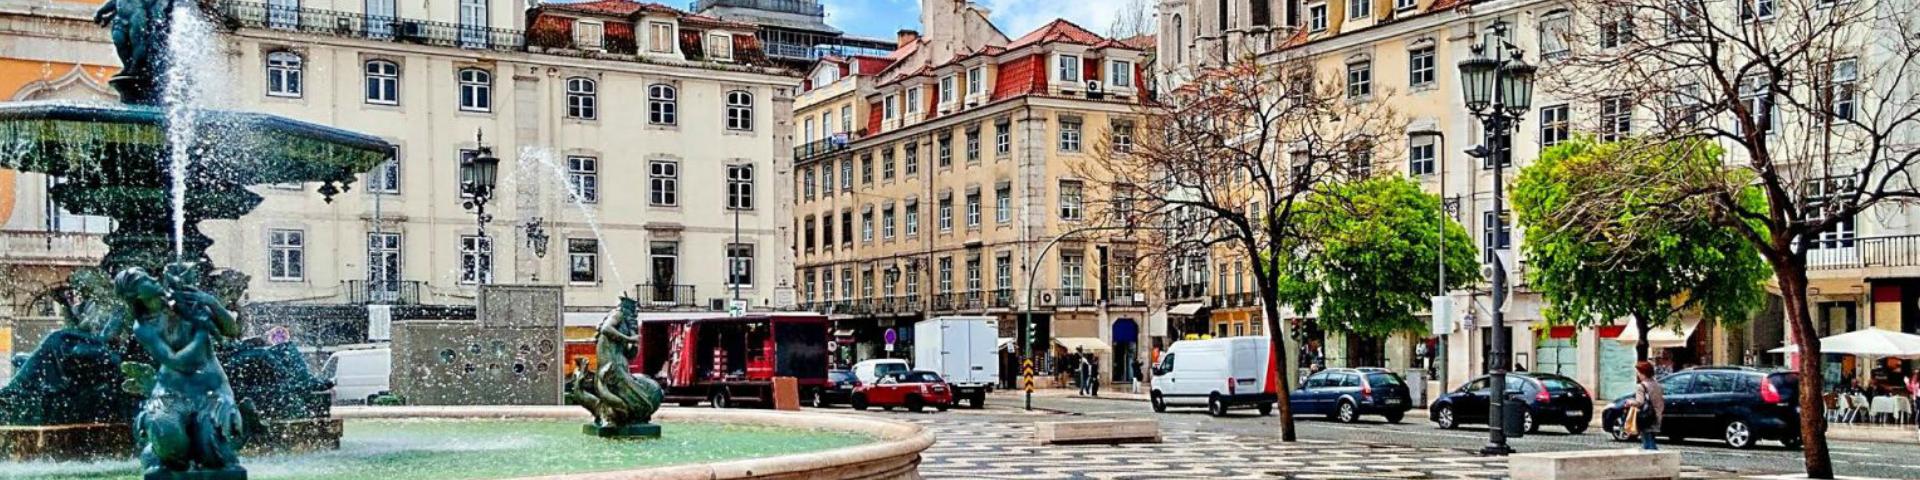 Власти Португалии намерены пересмотреть налоги для беттинг-операторов